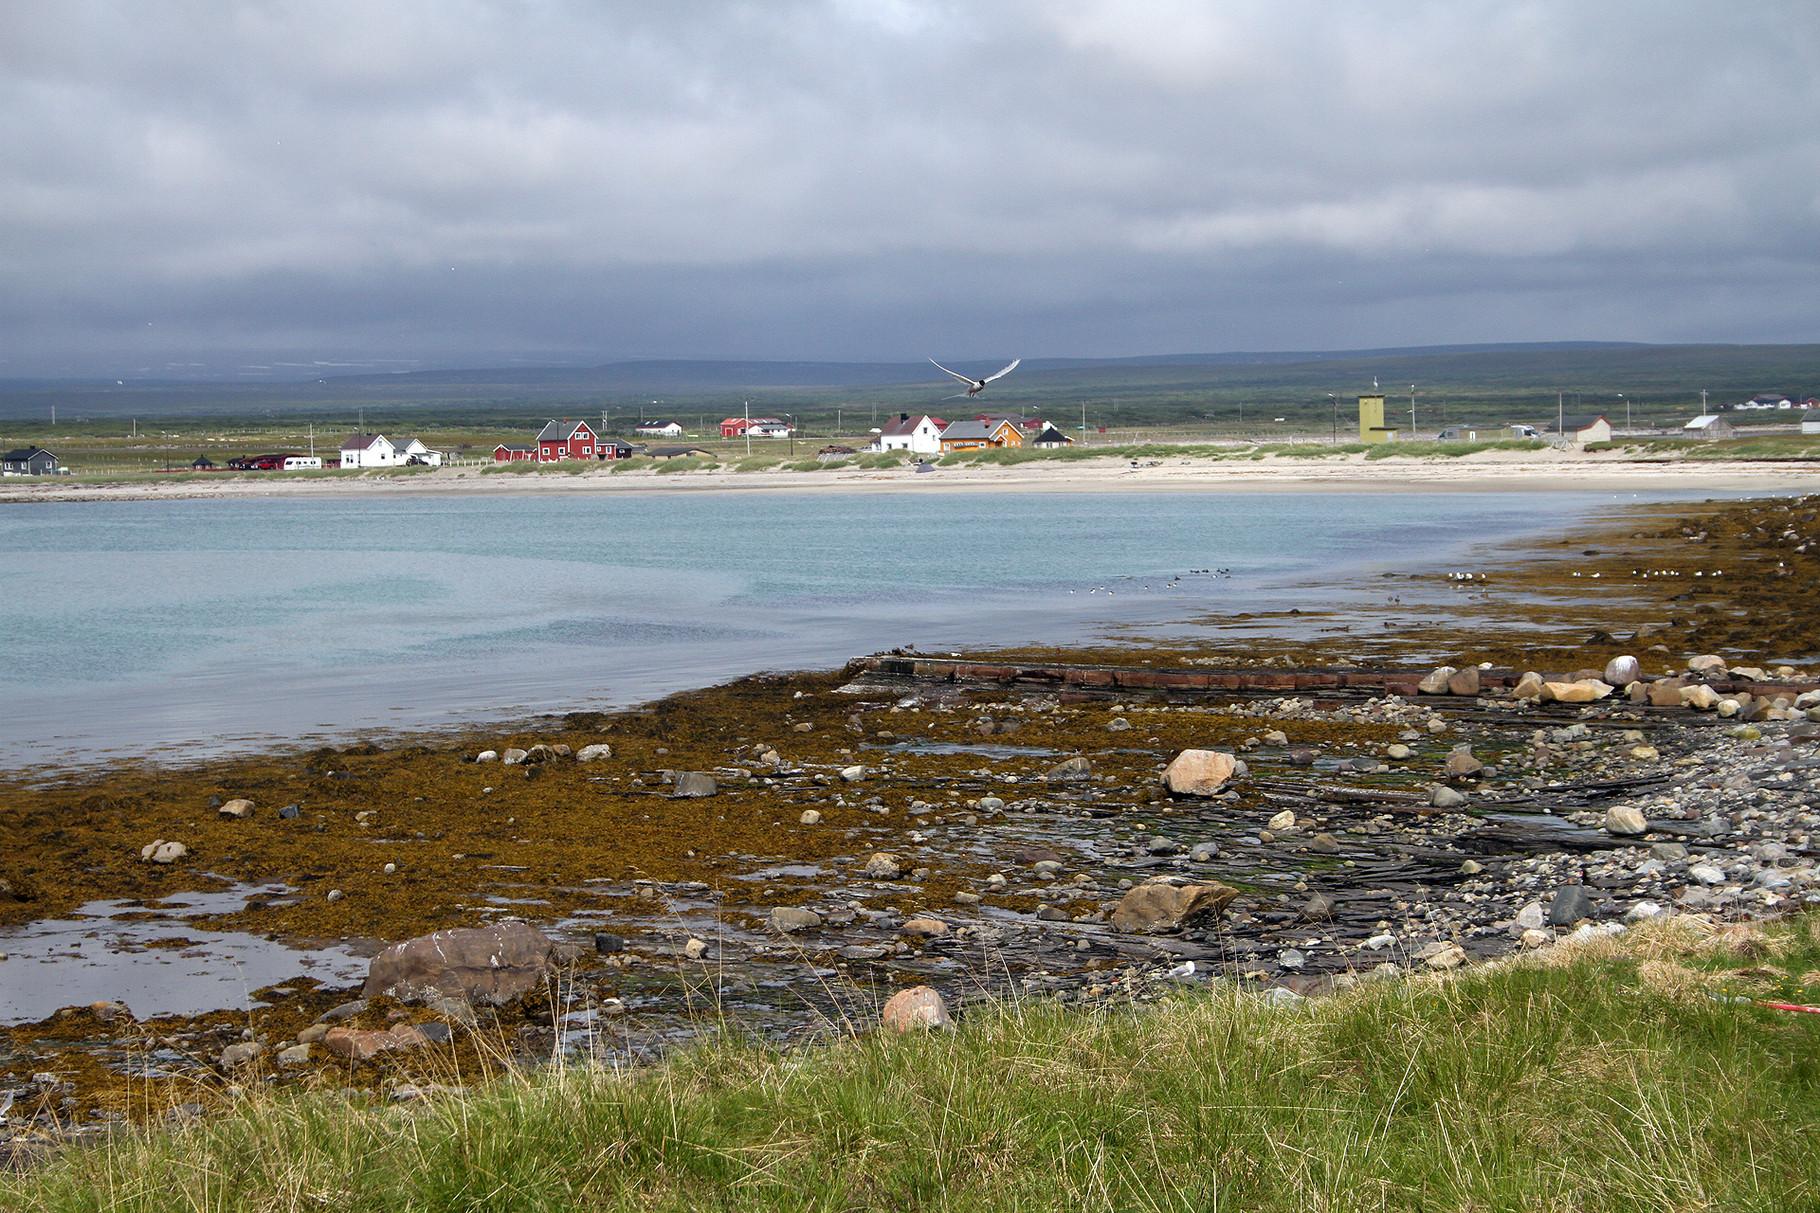 Ornithologisch interessant ist die Halbinsel Ekkeroy, beispielsweise für eine grössere Brutkolonie von Küstenseeschwalben